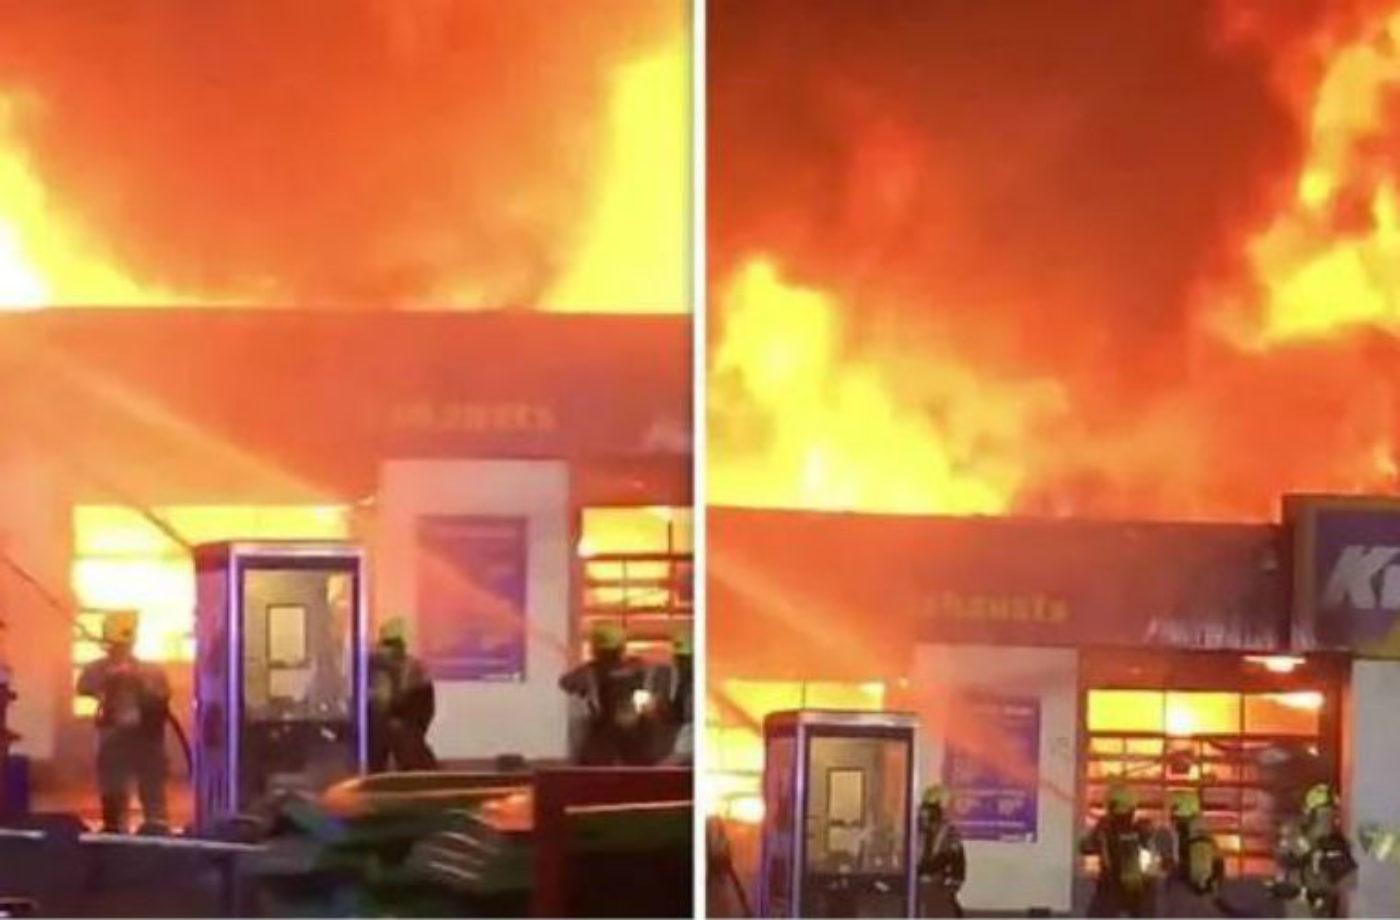 East London Kwik Fit extensively damaged following major fire